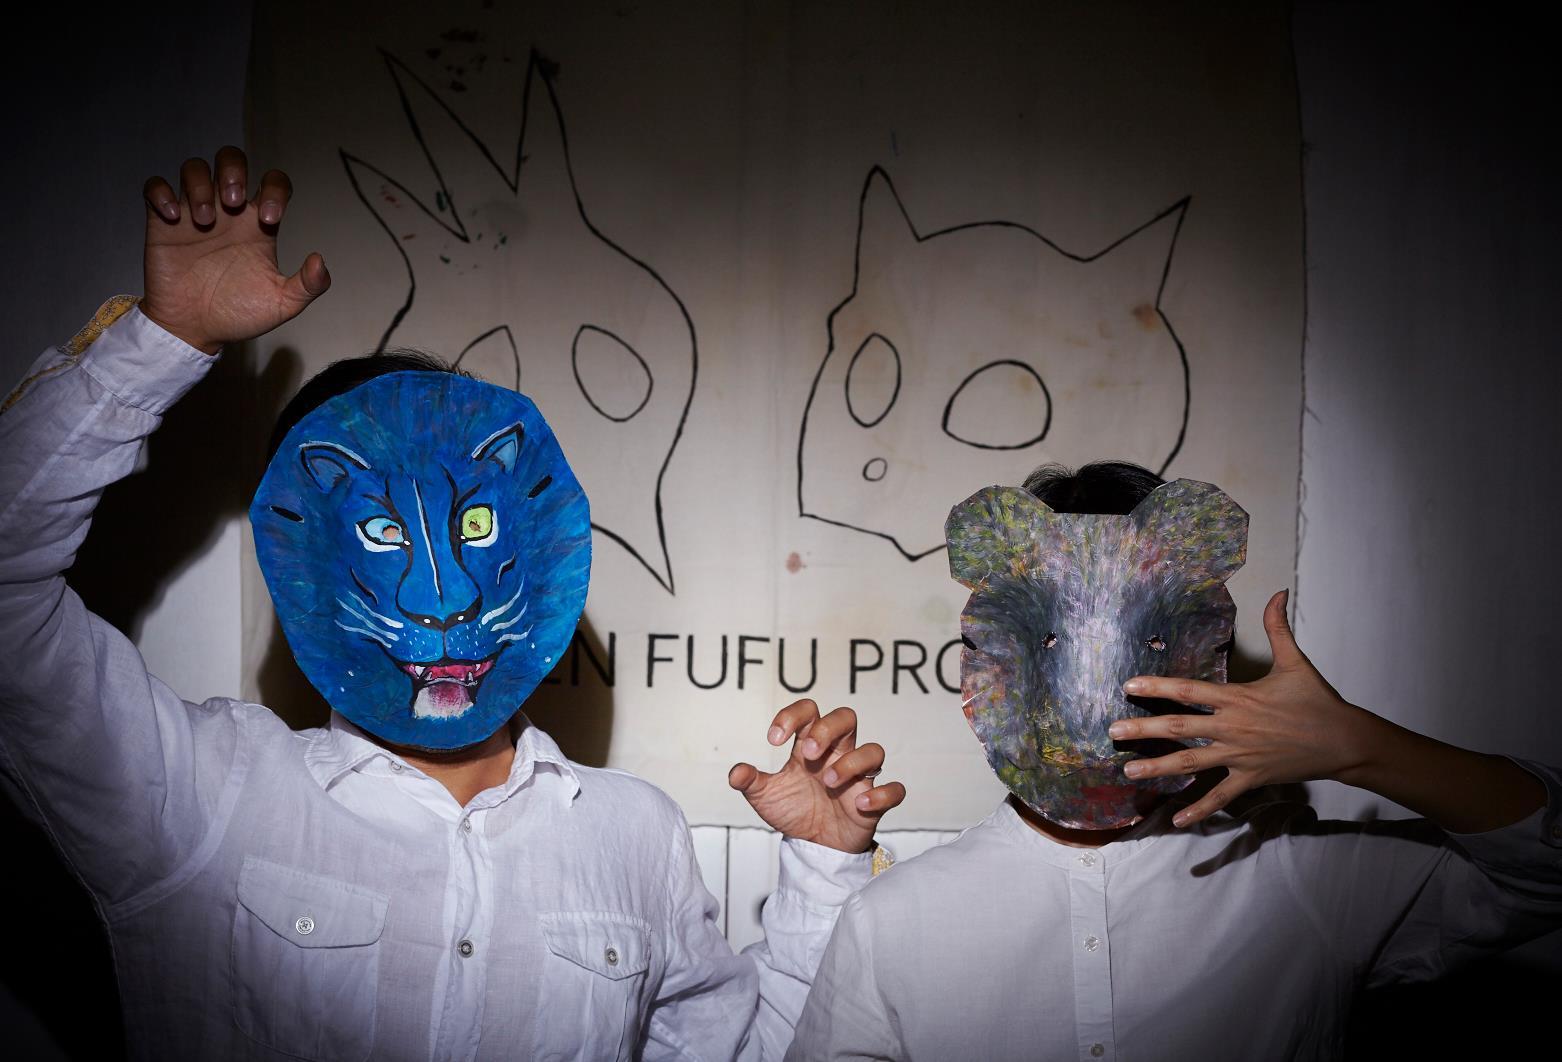 わたしたちの仮面をつくるワークショップ(講師:仮面夫婦プロジェクト)